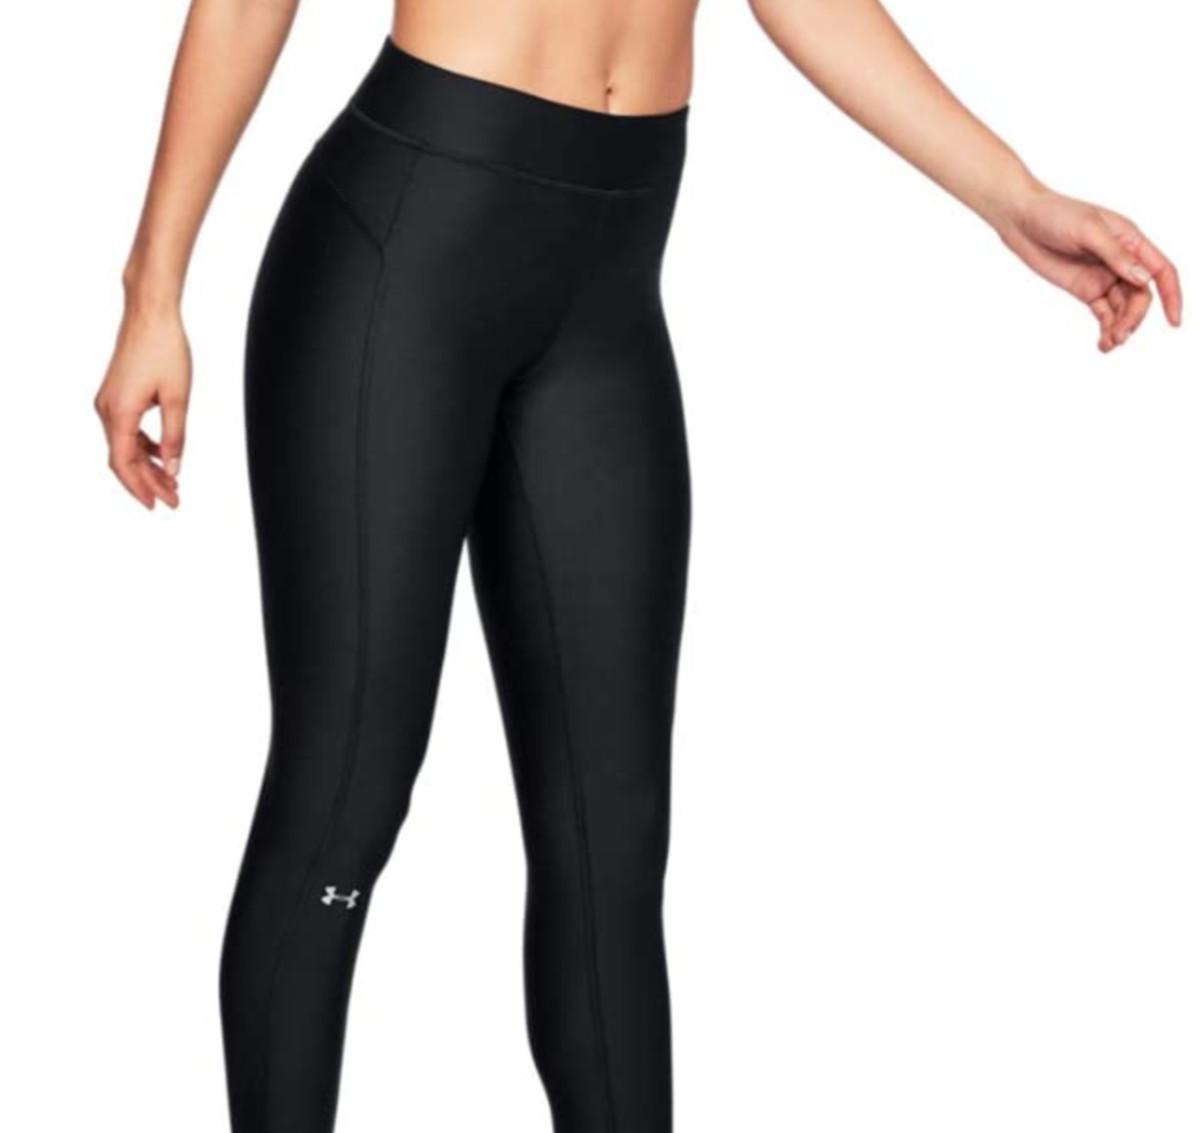 pantaloni a compressione (1)